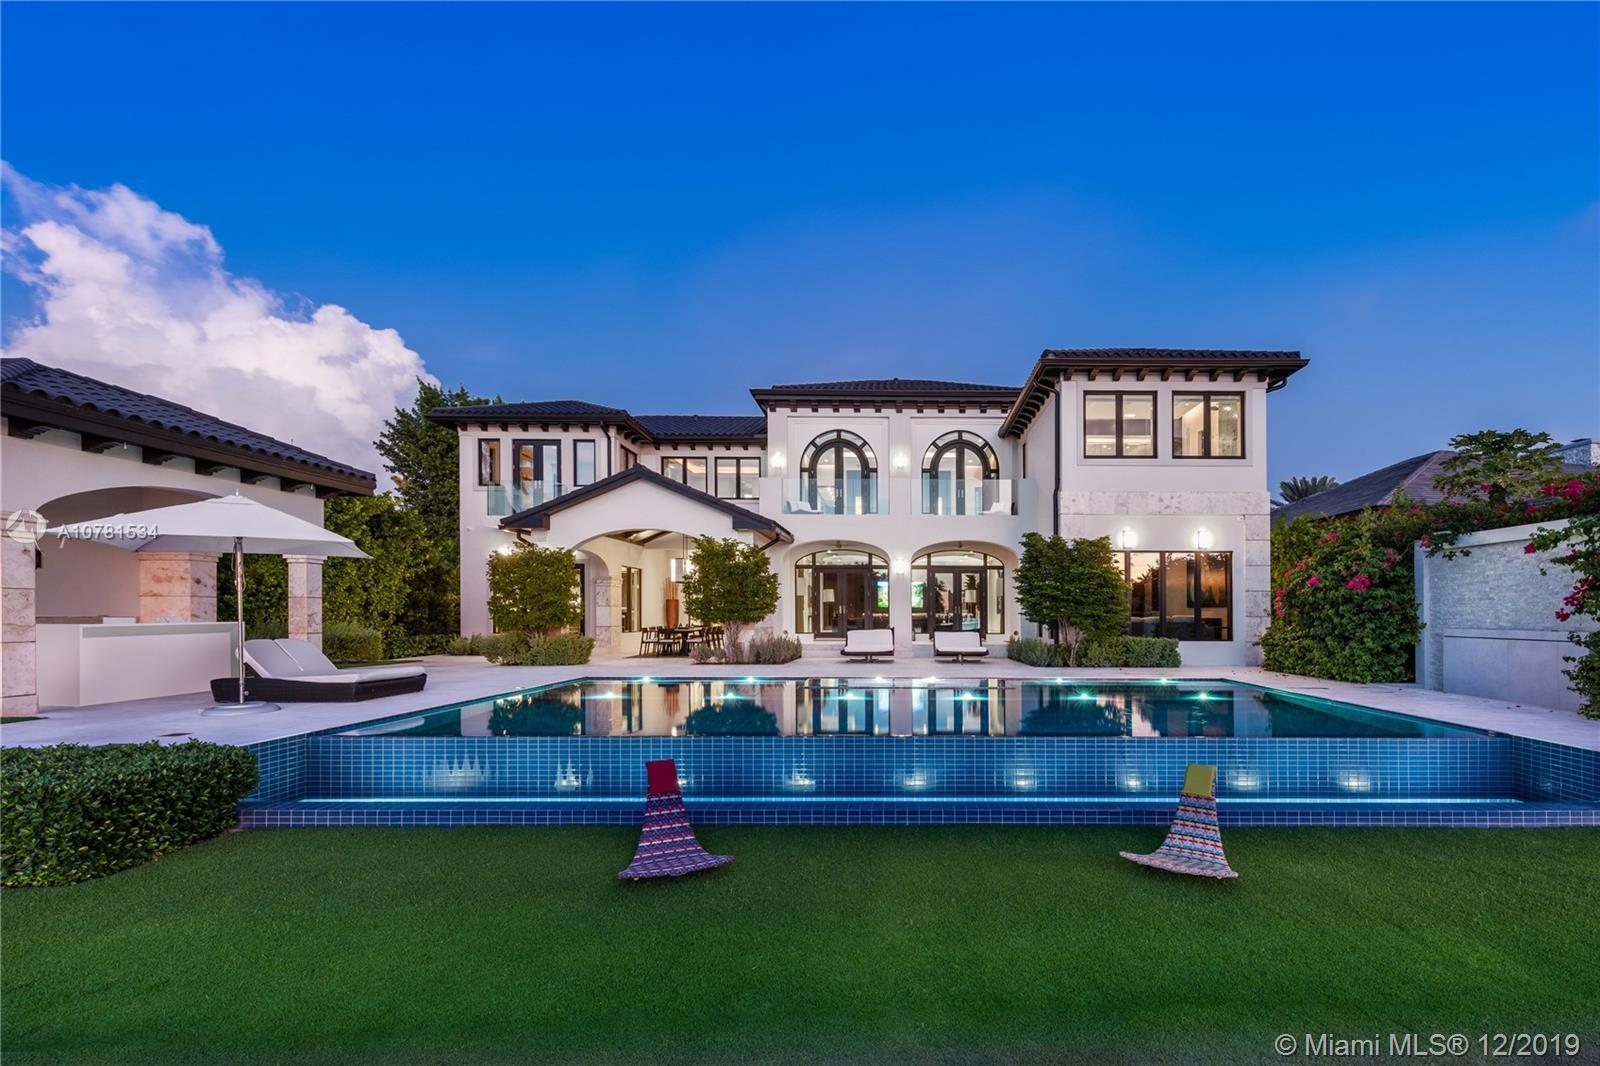 2204 N Bay Rd Luxury Real Estate